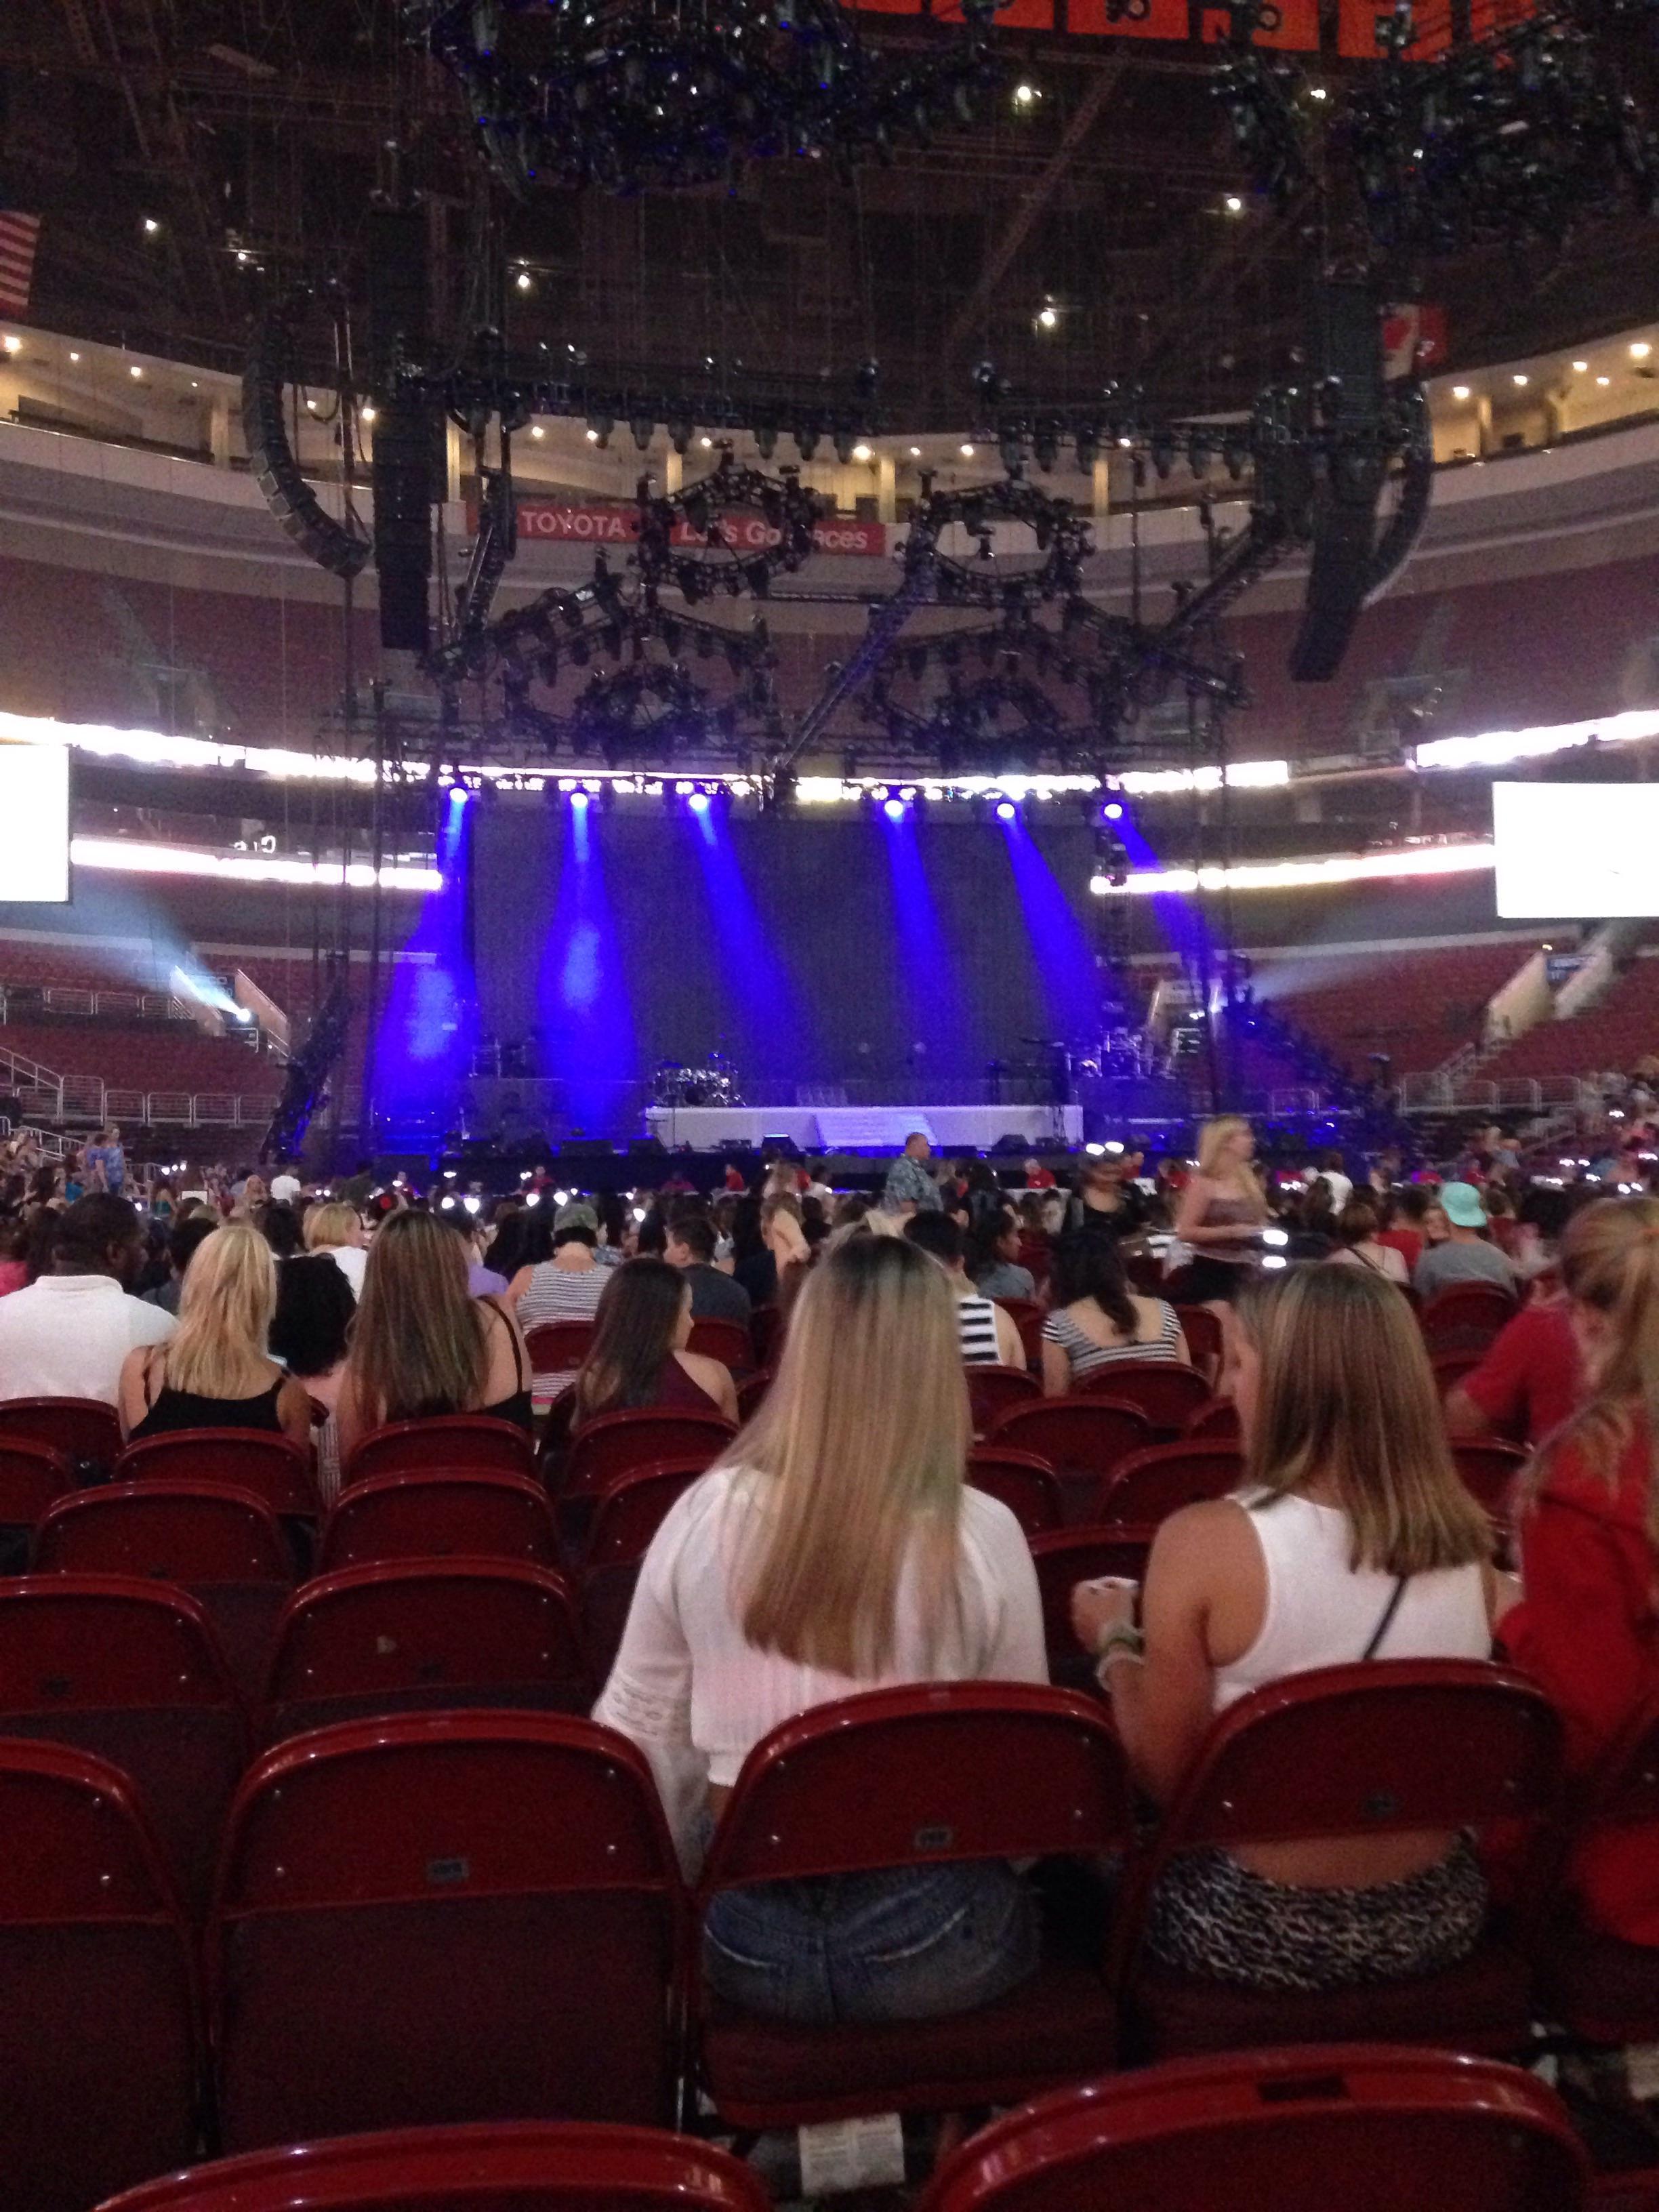 Wells Fargo Center Floor 7 Concert Seating Rateyourseats Com